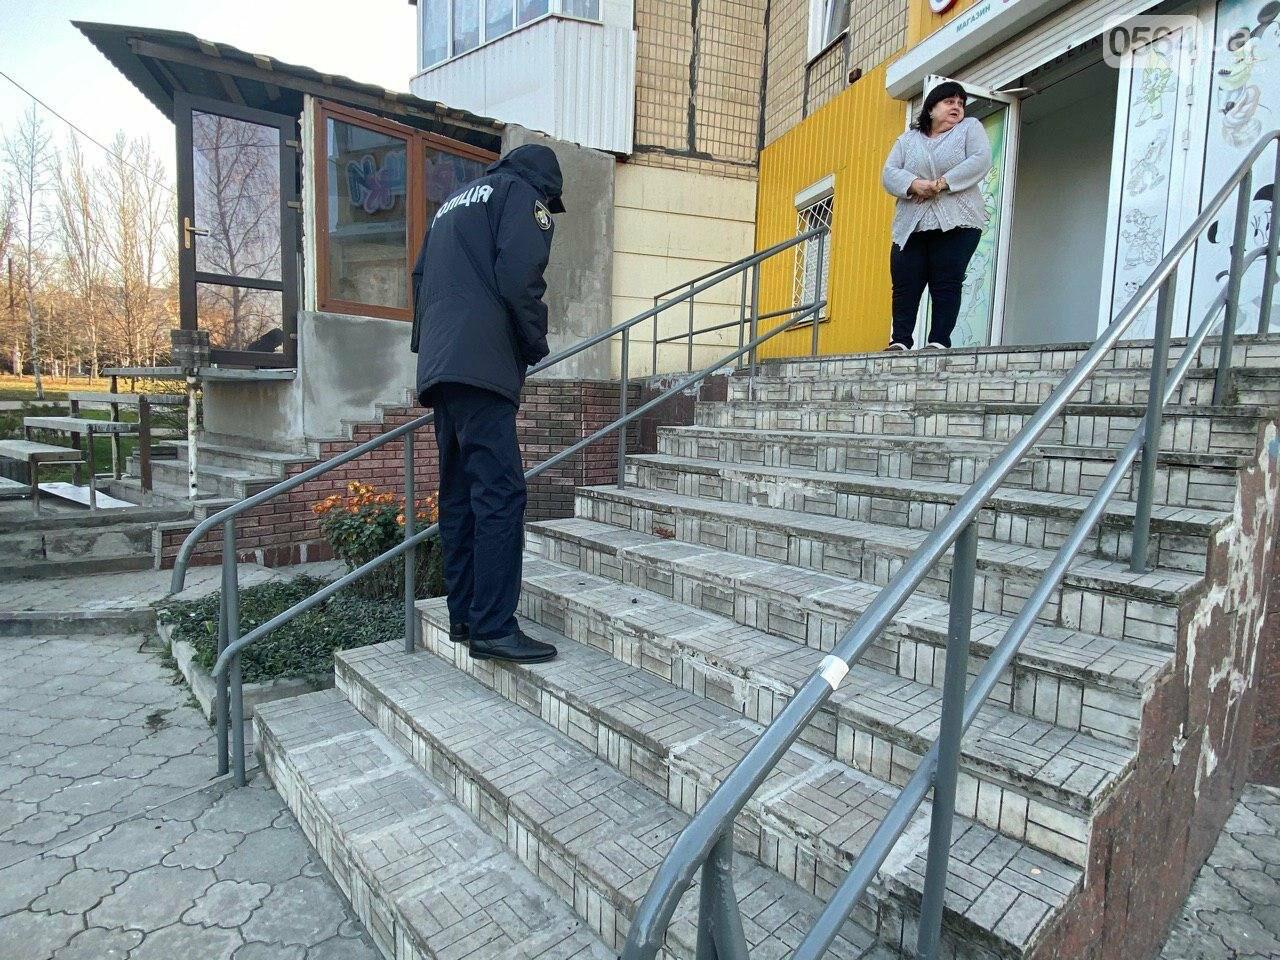 В Кривом Роге из окна 11 этажа выпал мужчина, - ФОТО 18+, фото-14